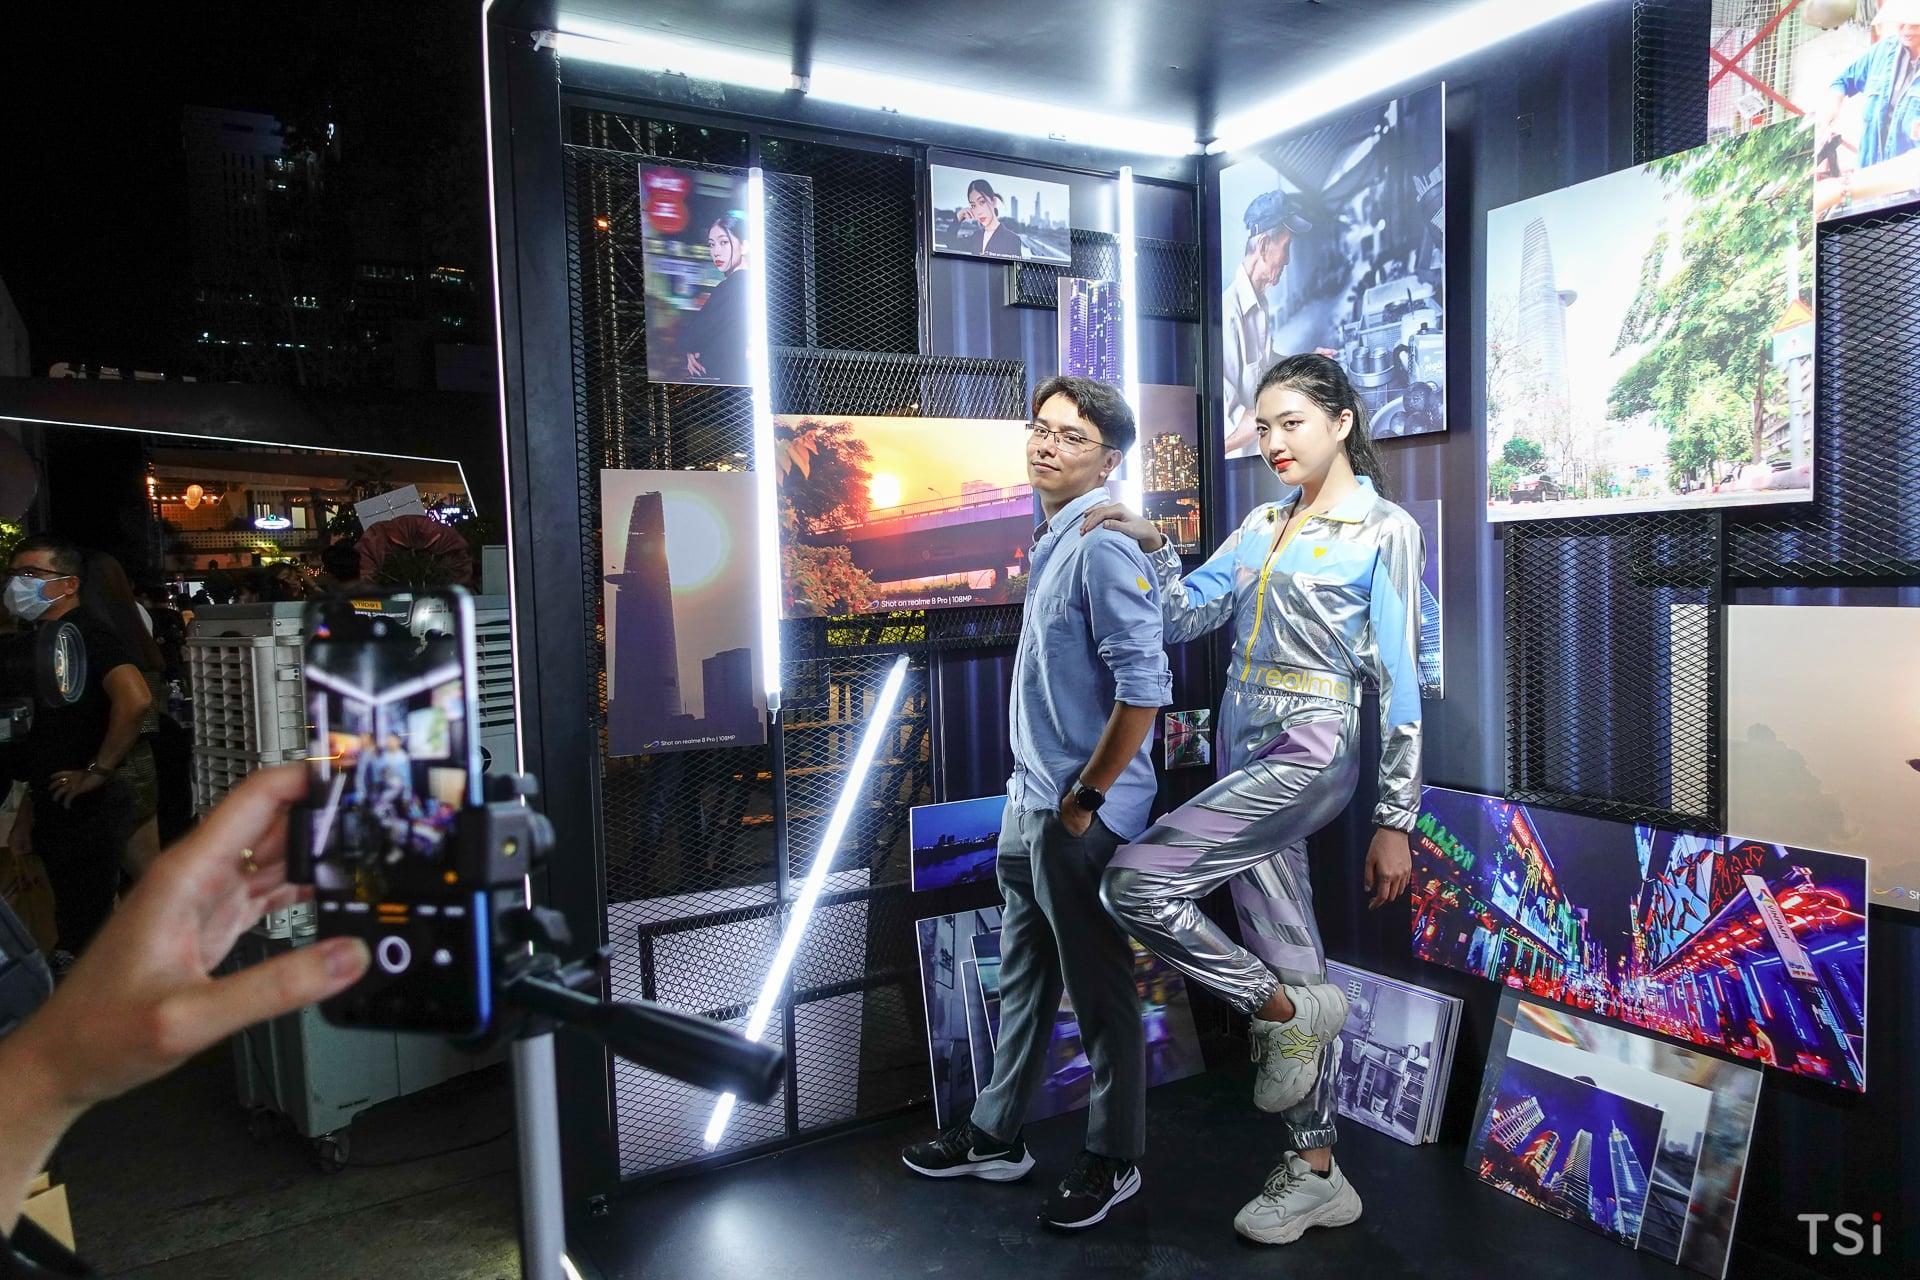 Realme công bố giá bộ đôi 8 series qua sự kiện khuấy động hoành tráng